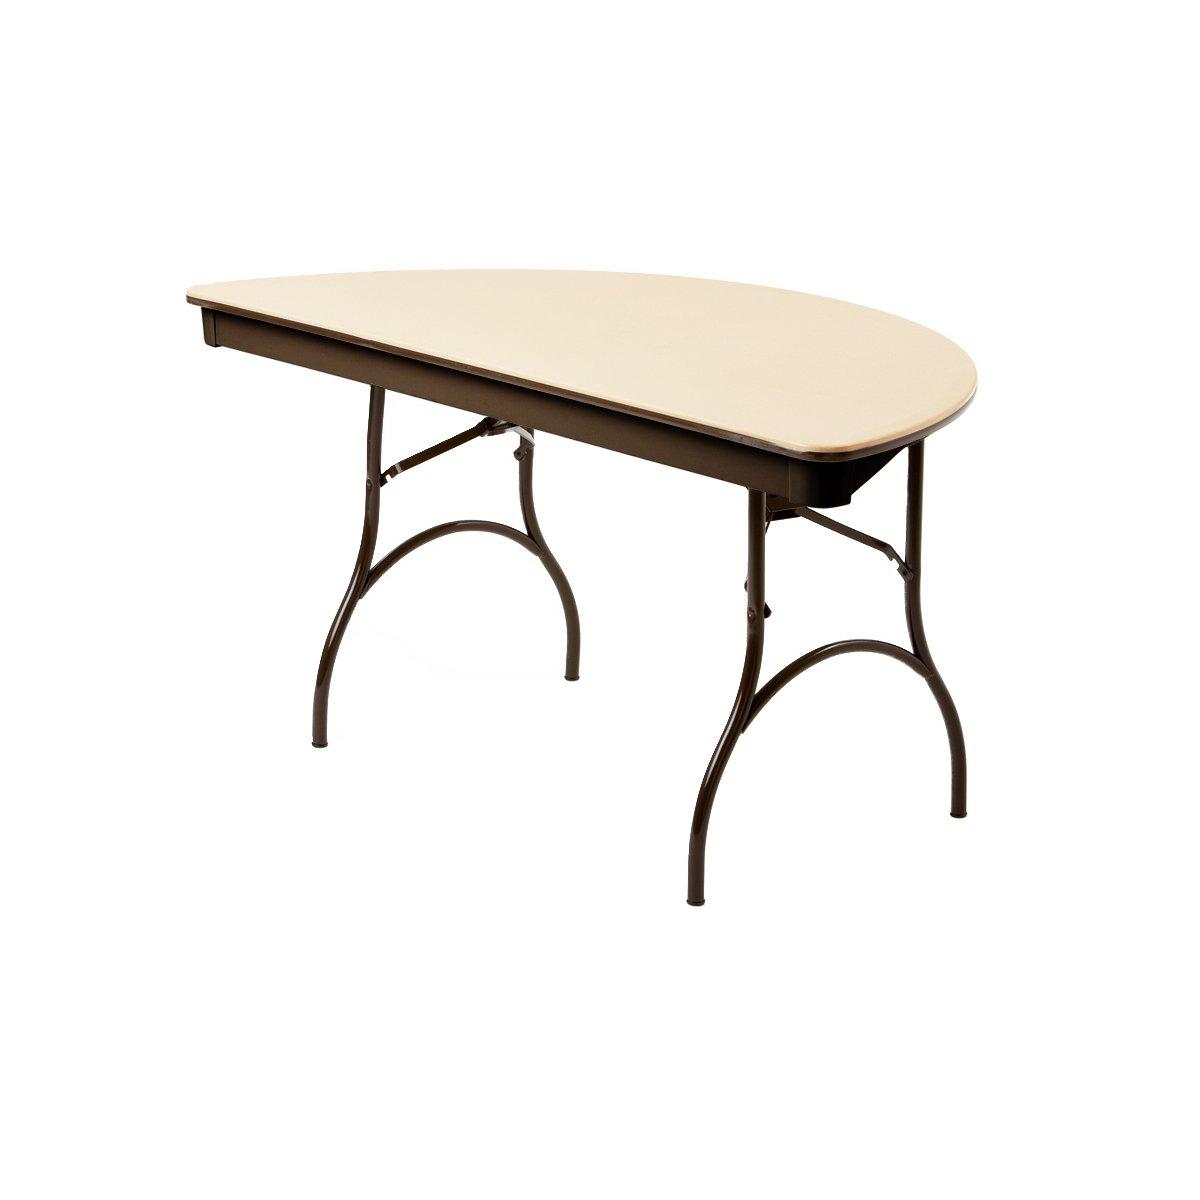 MityLite ABS Plastic 60'' Half Round Folding Table - Beige (Beige)